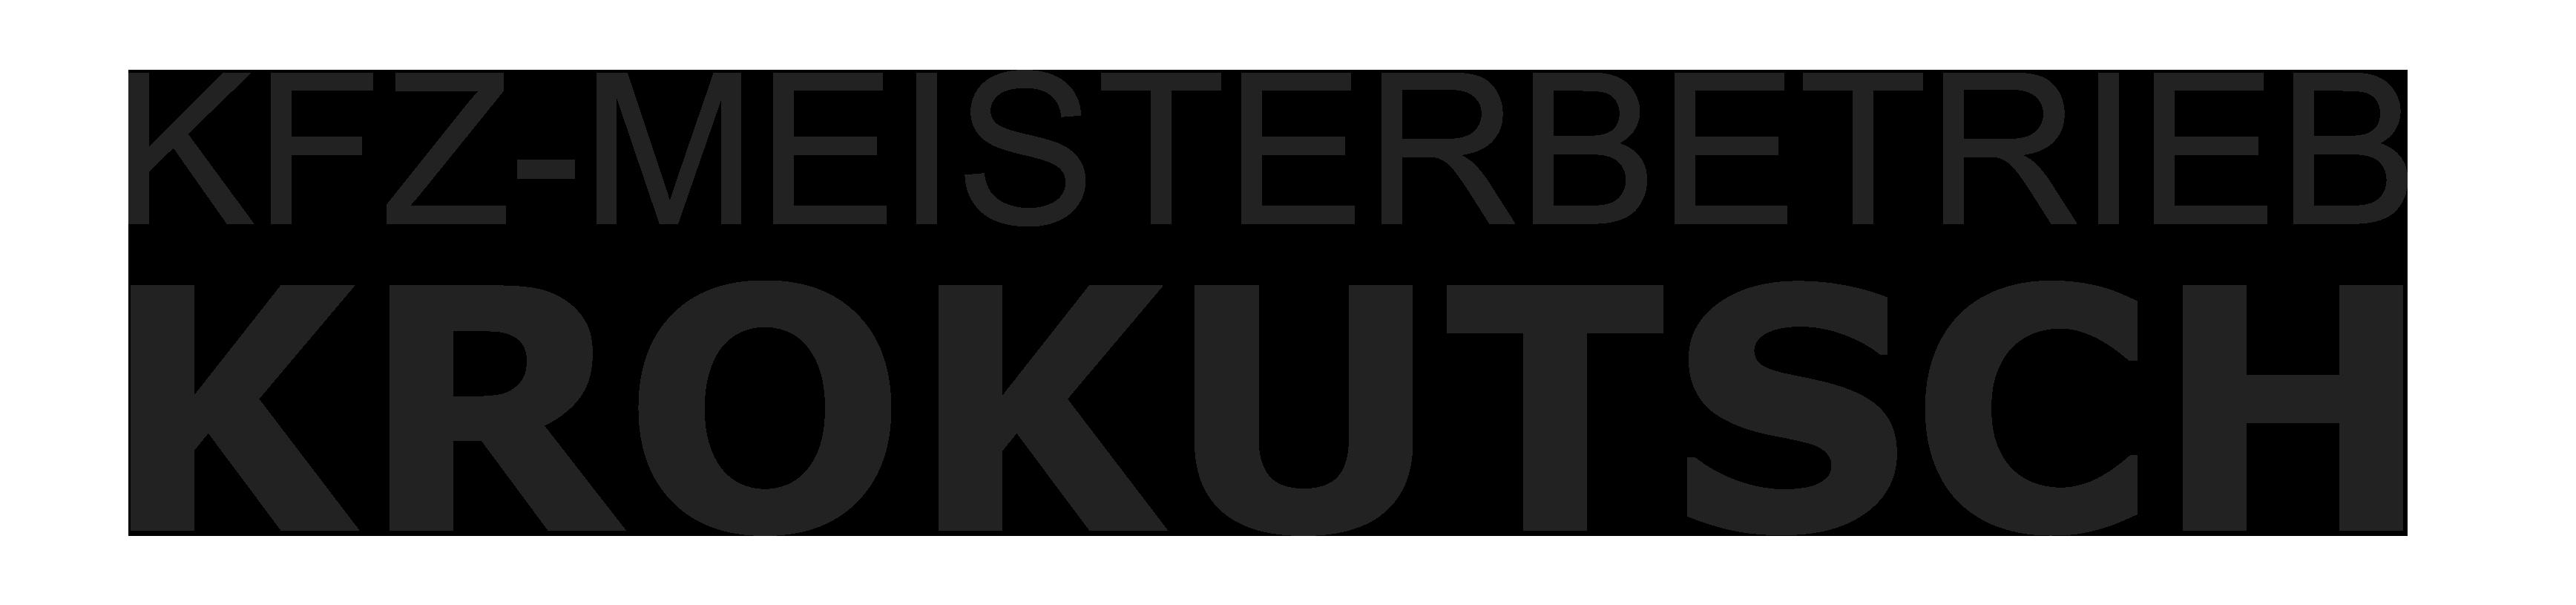 Freie Werkstatt Berlin